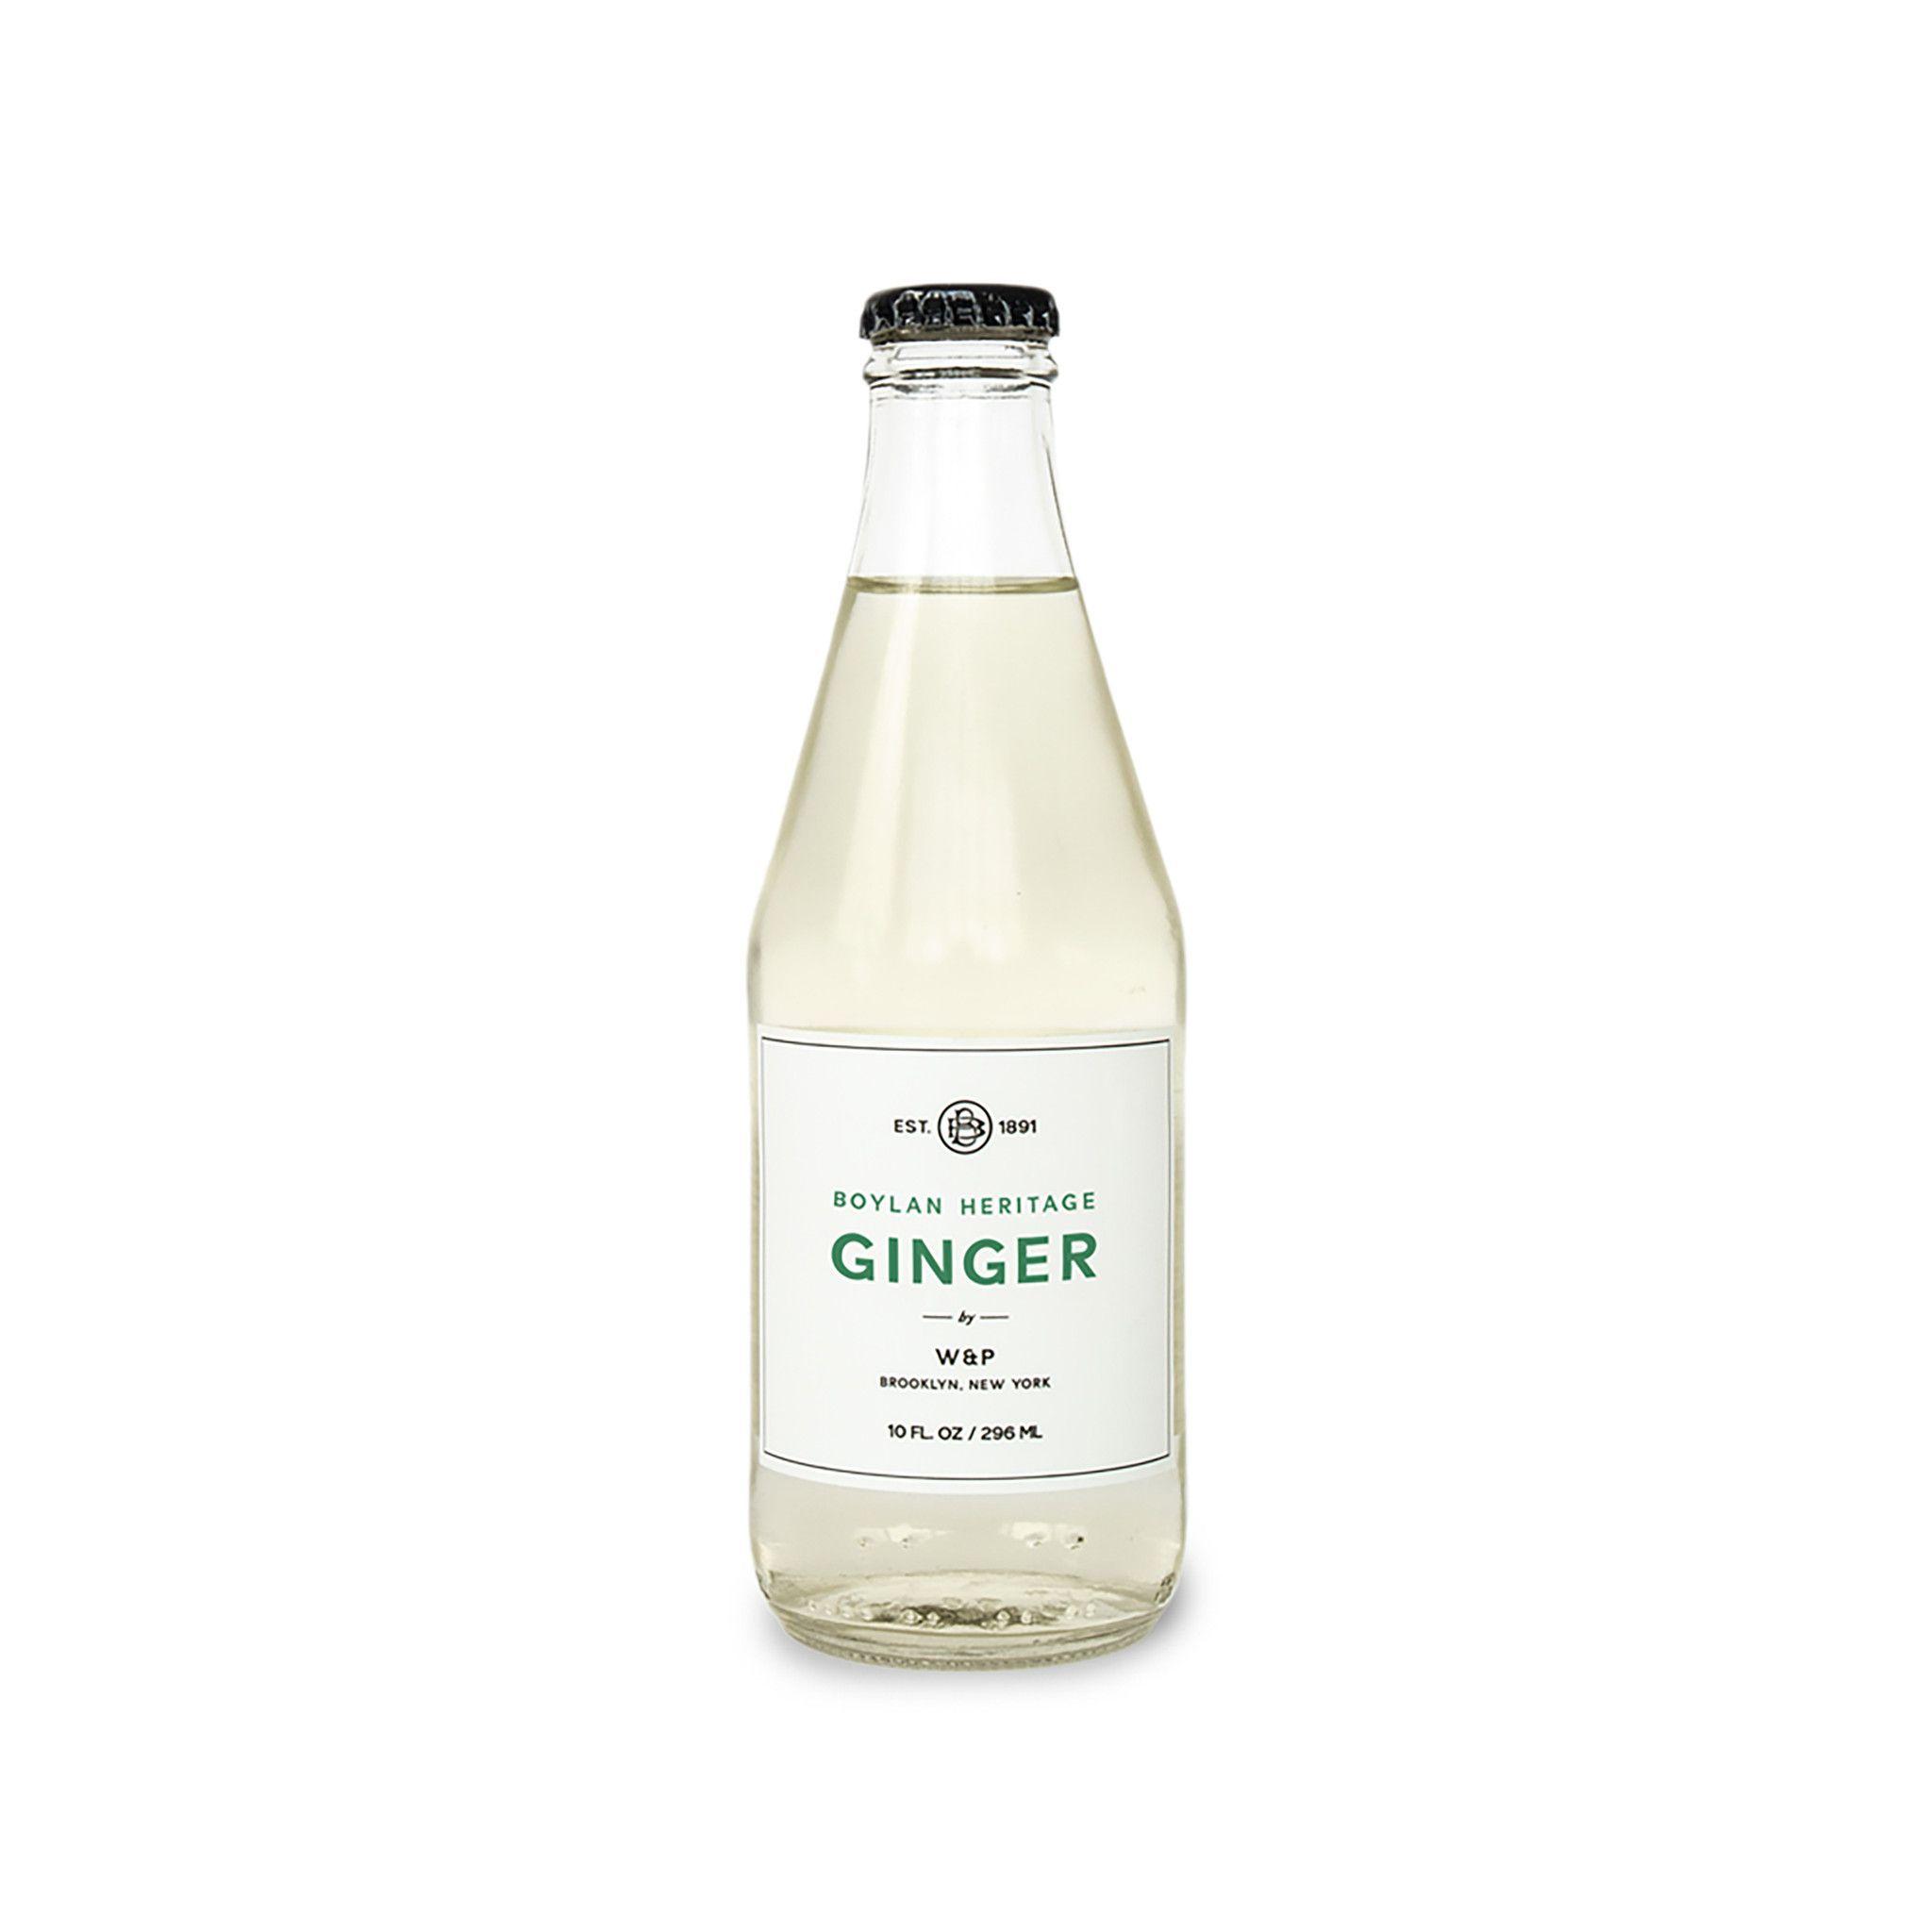 Boylan Heritage Ginger